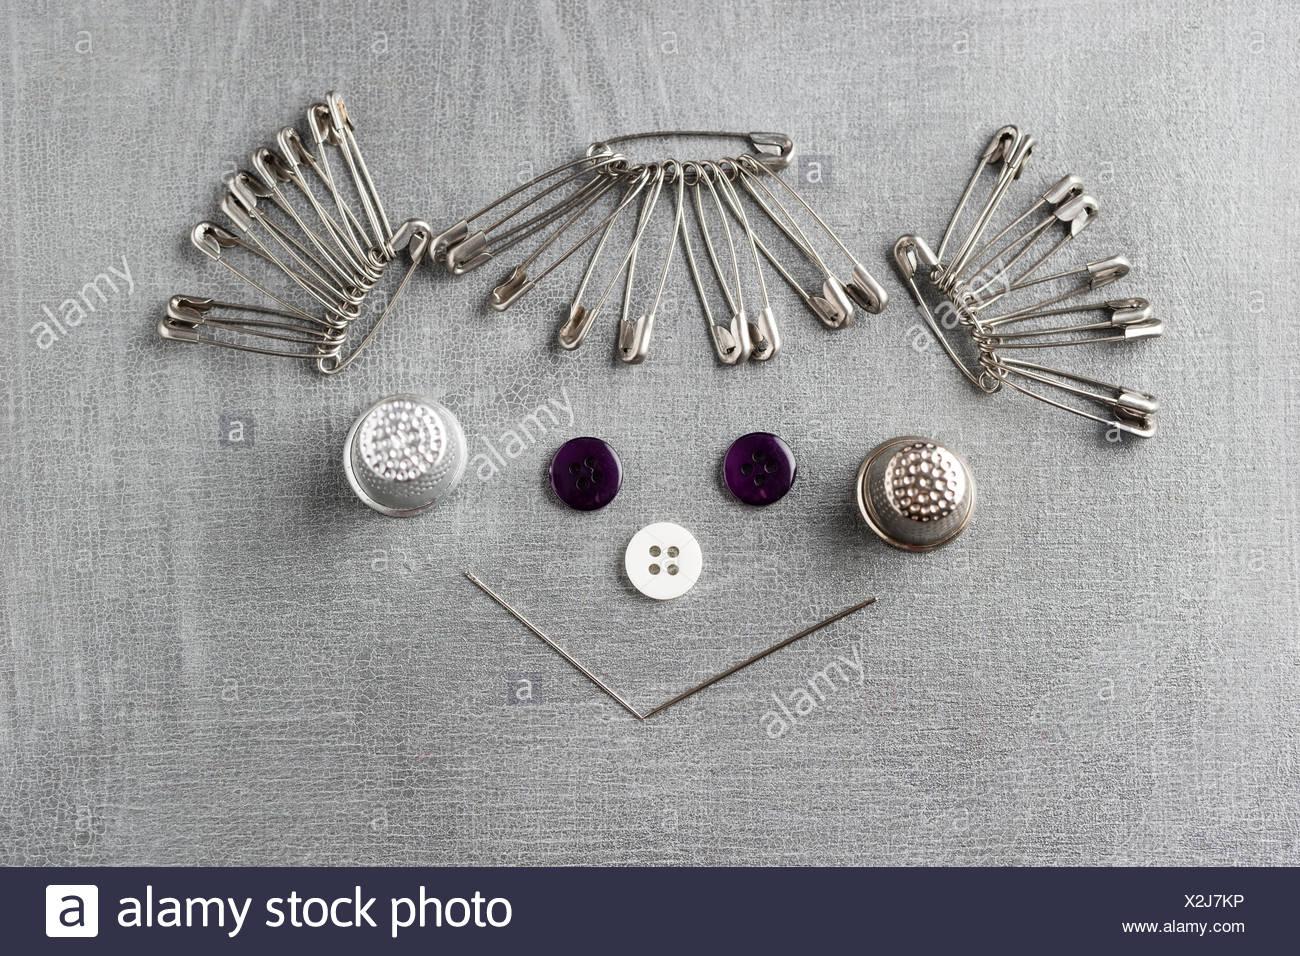 Cara sonriente de una niña construido de elementos de costura sobre fondo gris Imagen De Stock